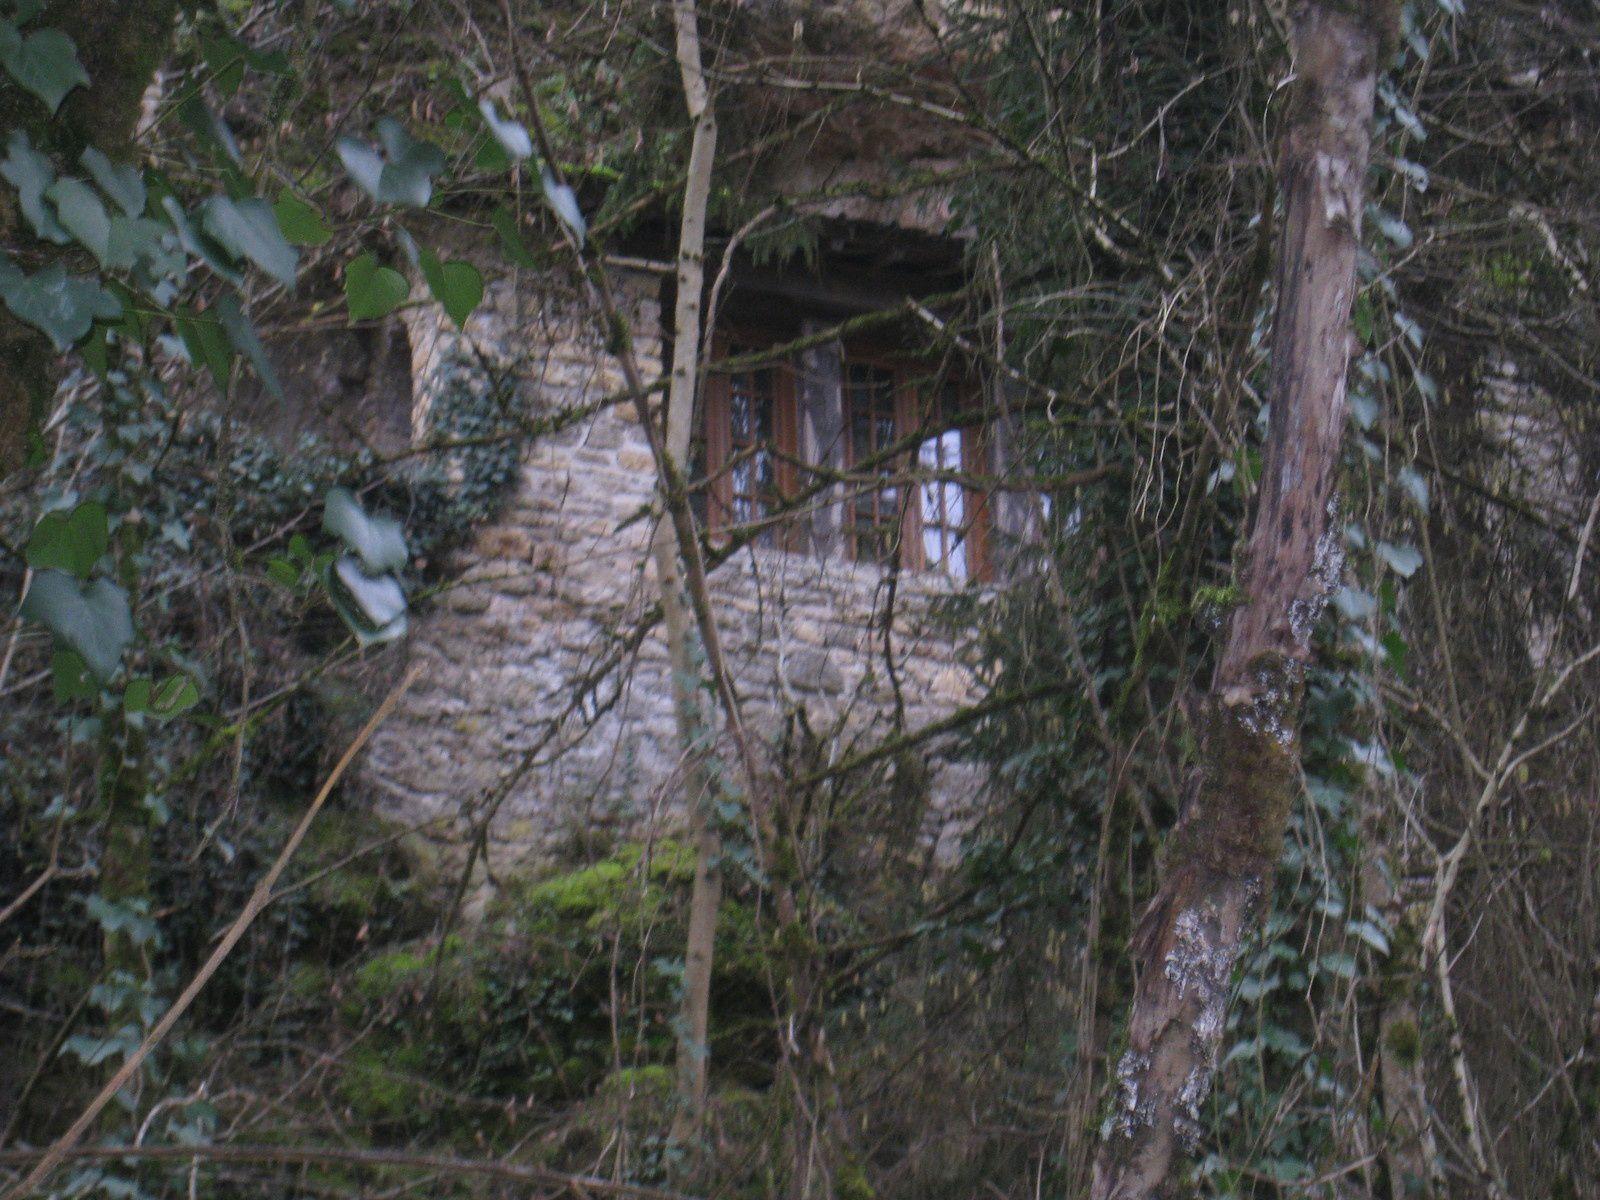 Une maison troglodyte au dessus de la Vézère.